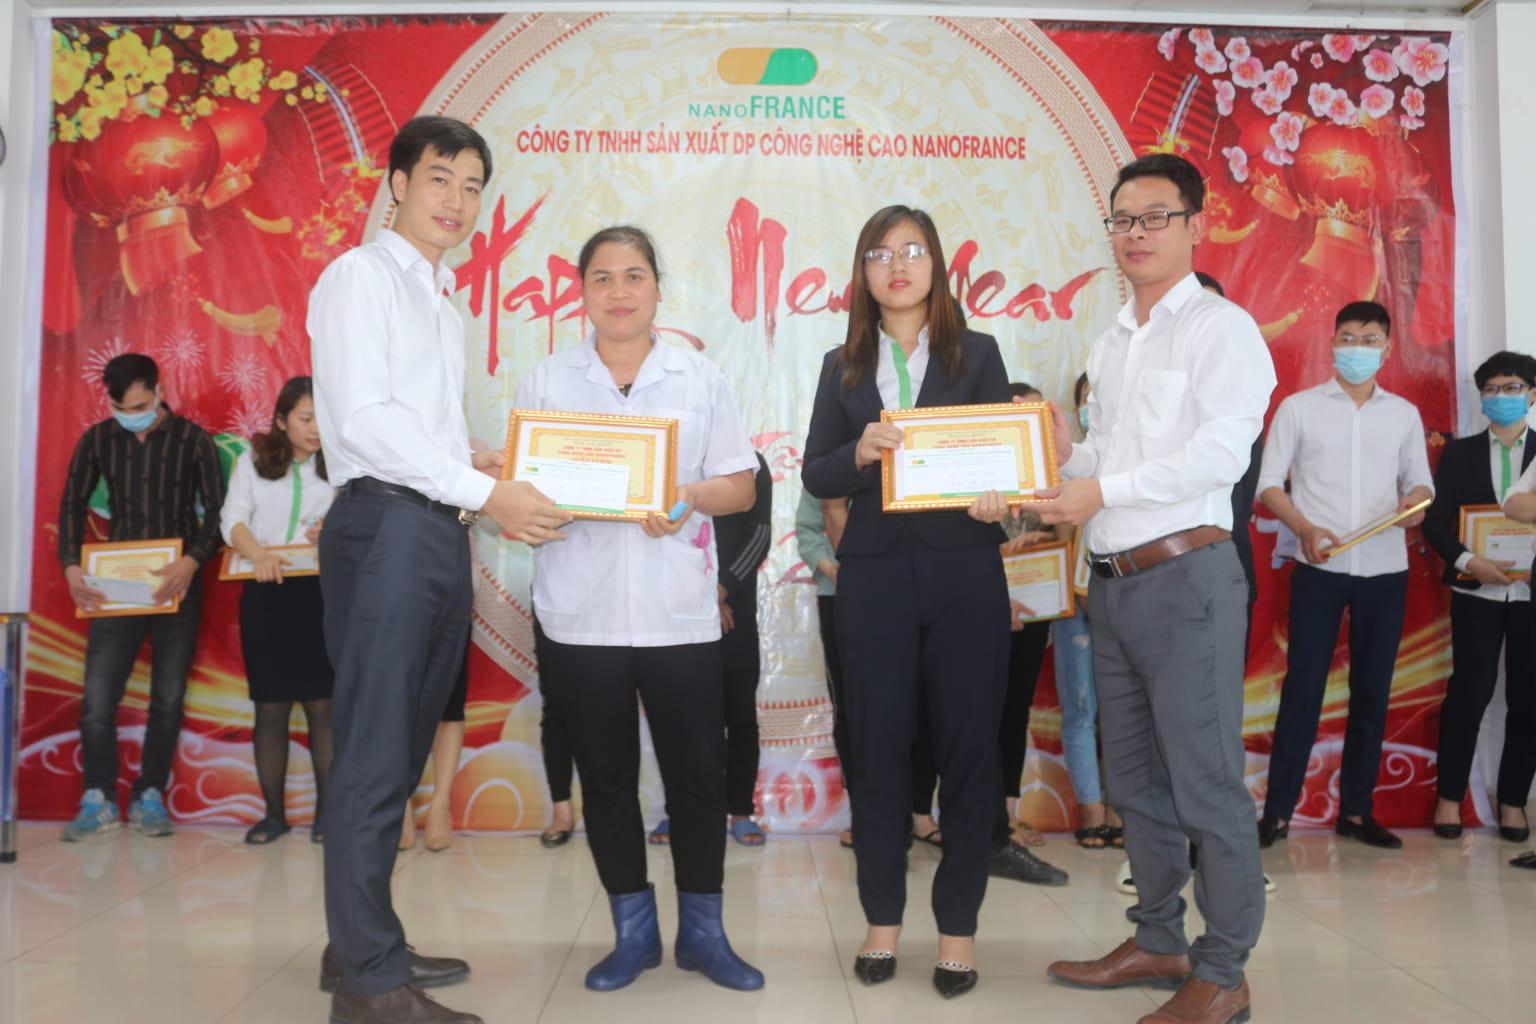 Cán bộ công nhân viên xuất sắc lần lượt lên nhận phần thưởng và bằng khen,